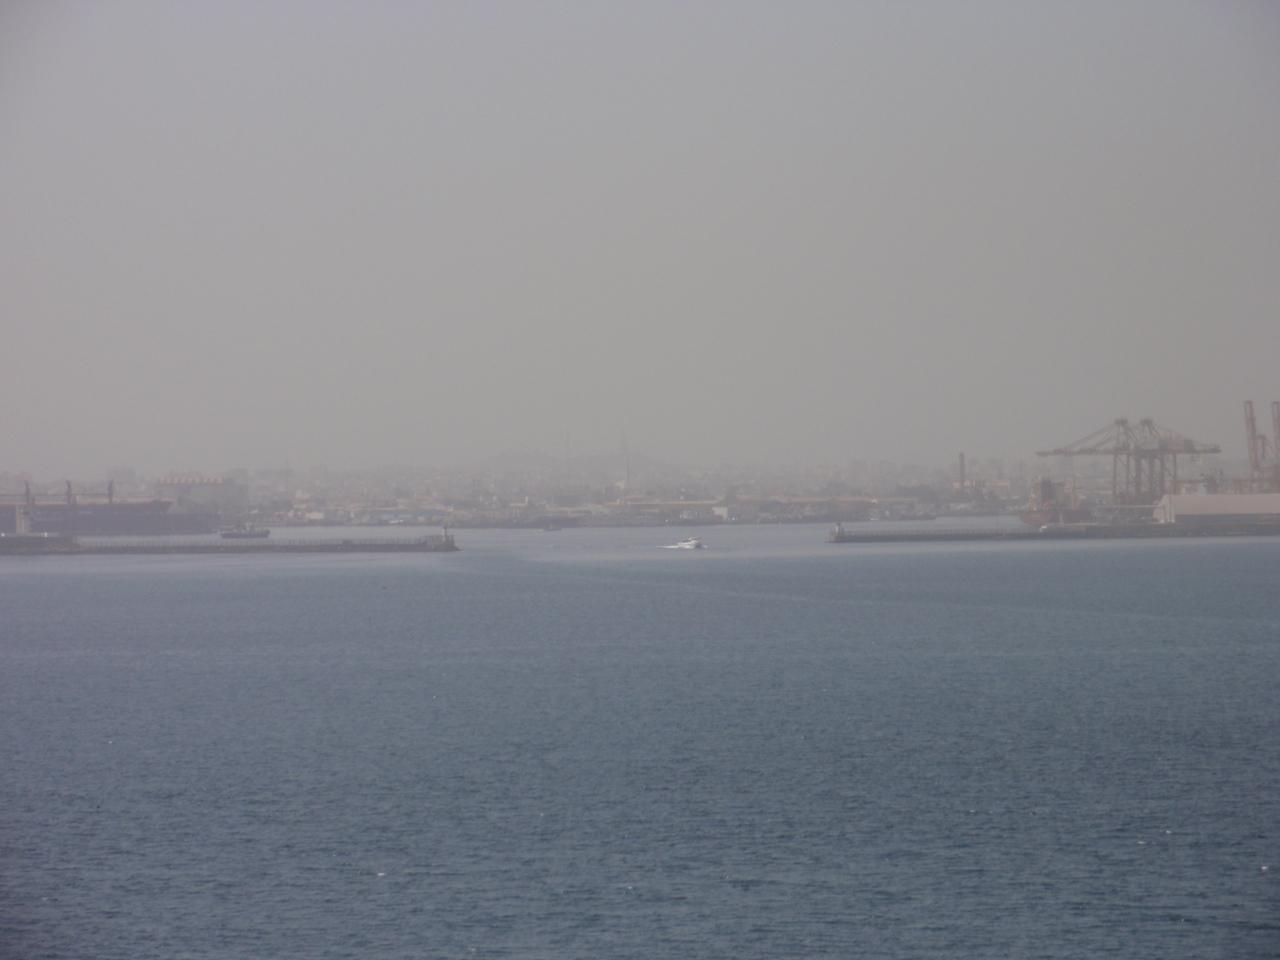 068_Dakar, seen from Goree Island